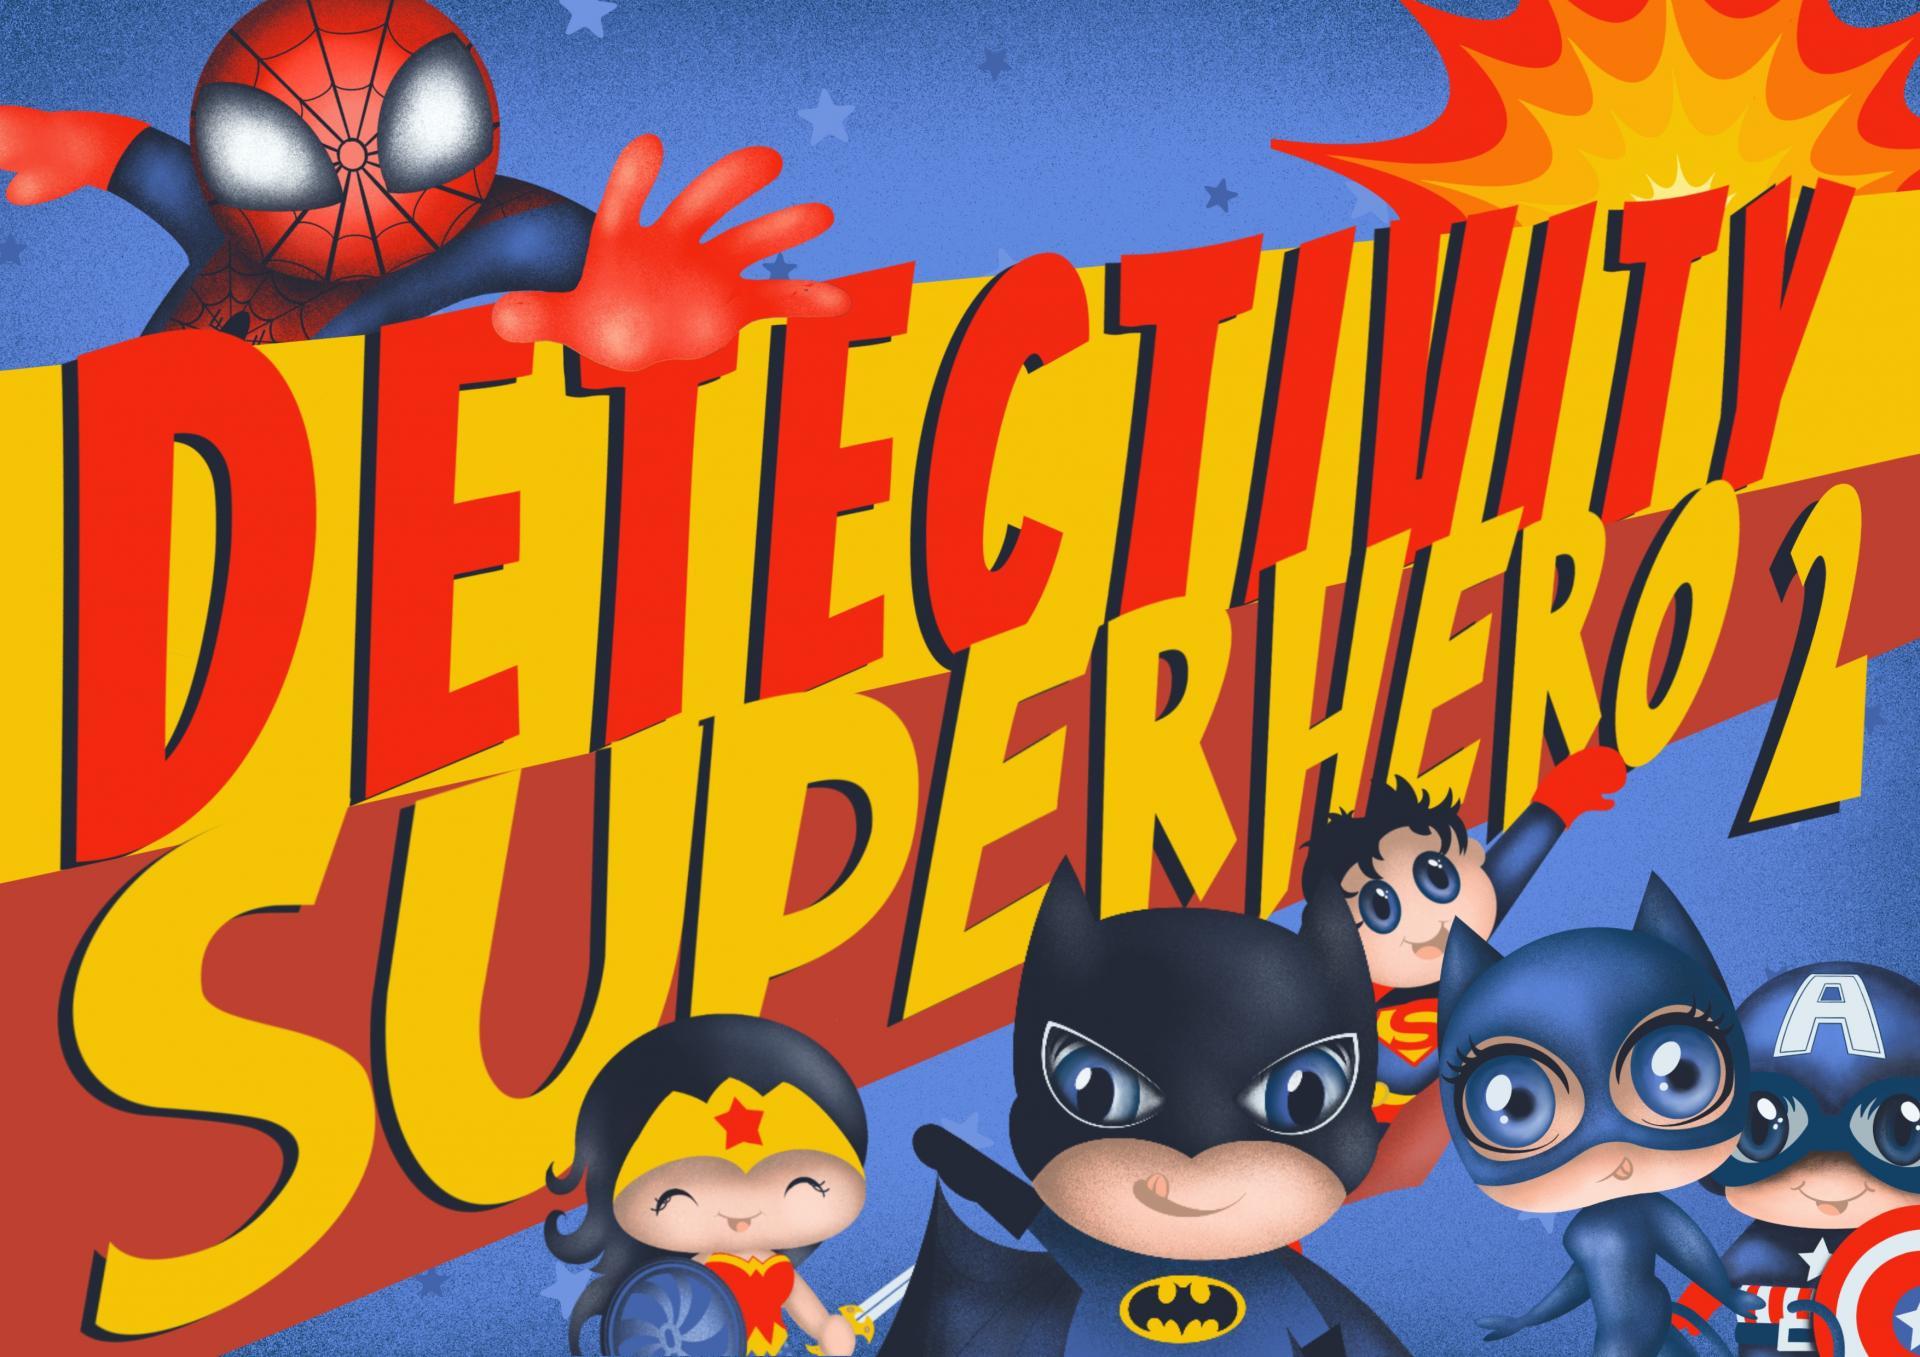 Juego de pistas Detectivity Superhero 2 (CAT)